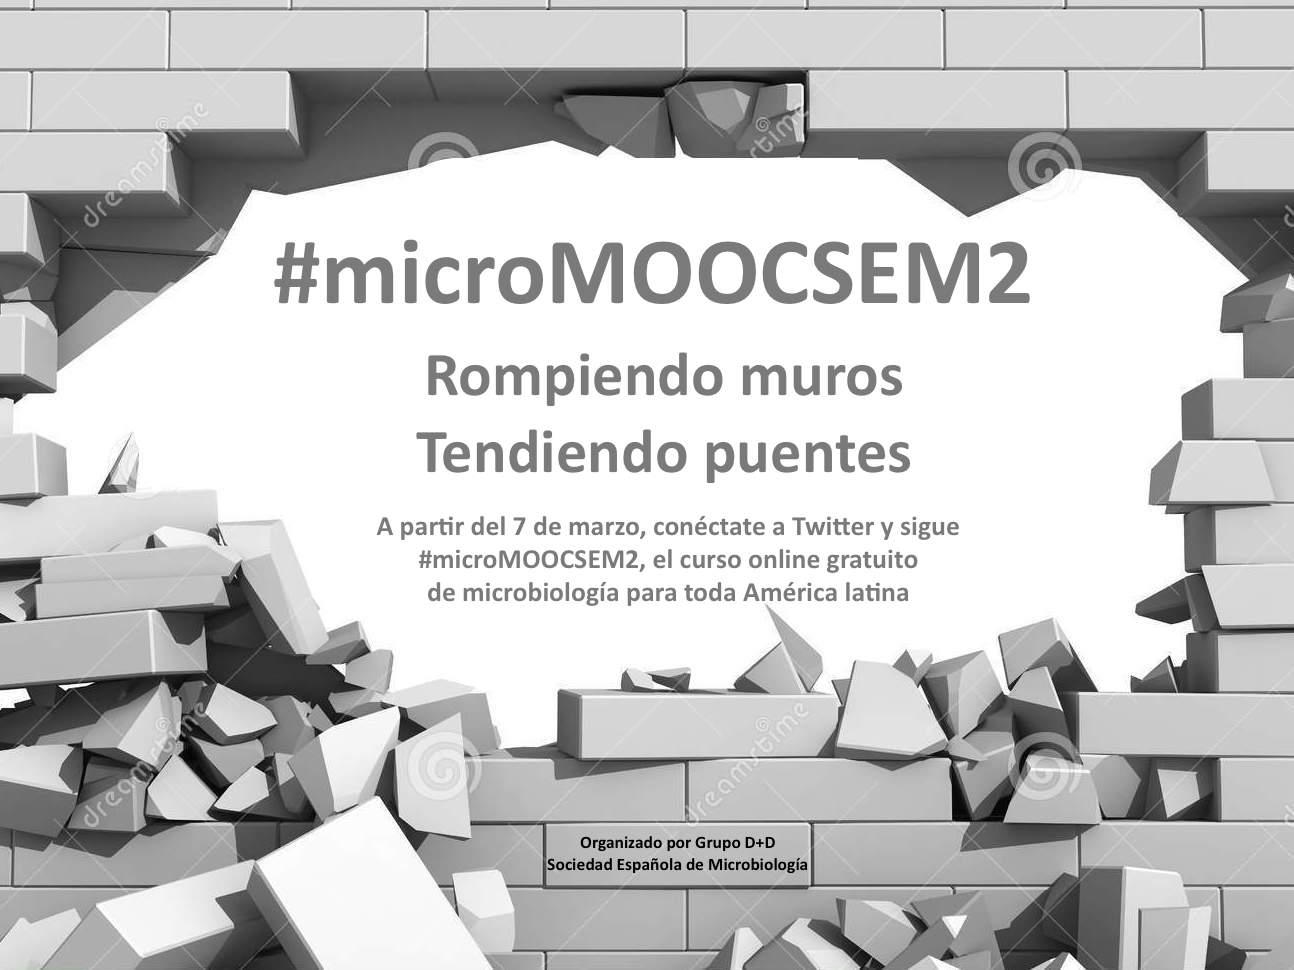 Comienza la ÚLTIMA CLASE #microMOOCSEM2 del curso de microbiología vía Twitter y Facebook para España y toda América latina https://t.co/q3HAit0nfQ